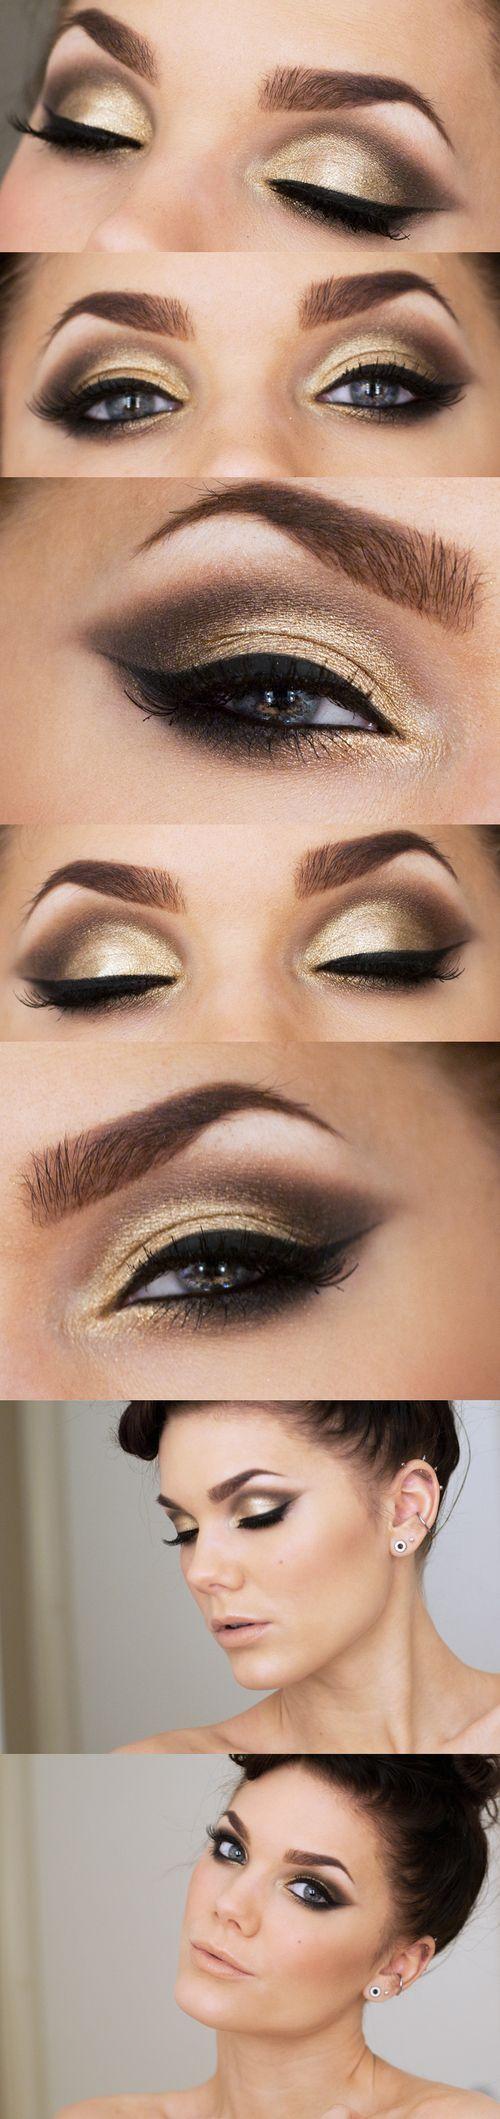 Neste look, Linda Hallberg apostou em um olhar brilhante dourado e fechou a make com lábios nude em efeito matte (fosco). Ficou lindo e super sofisticado!: